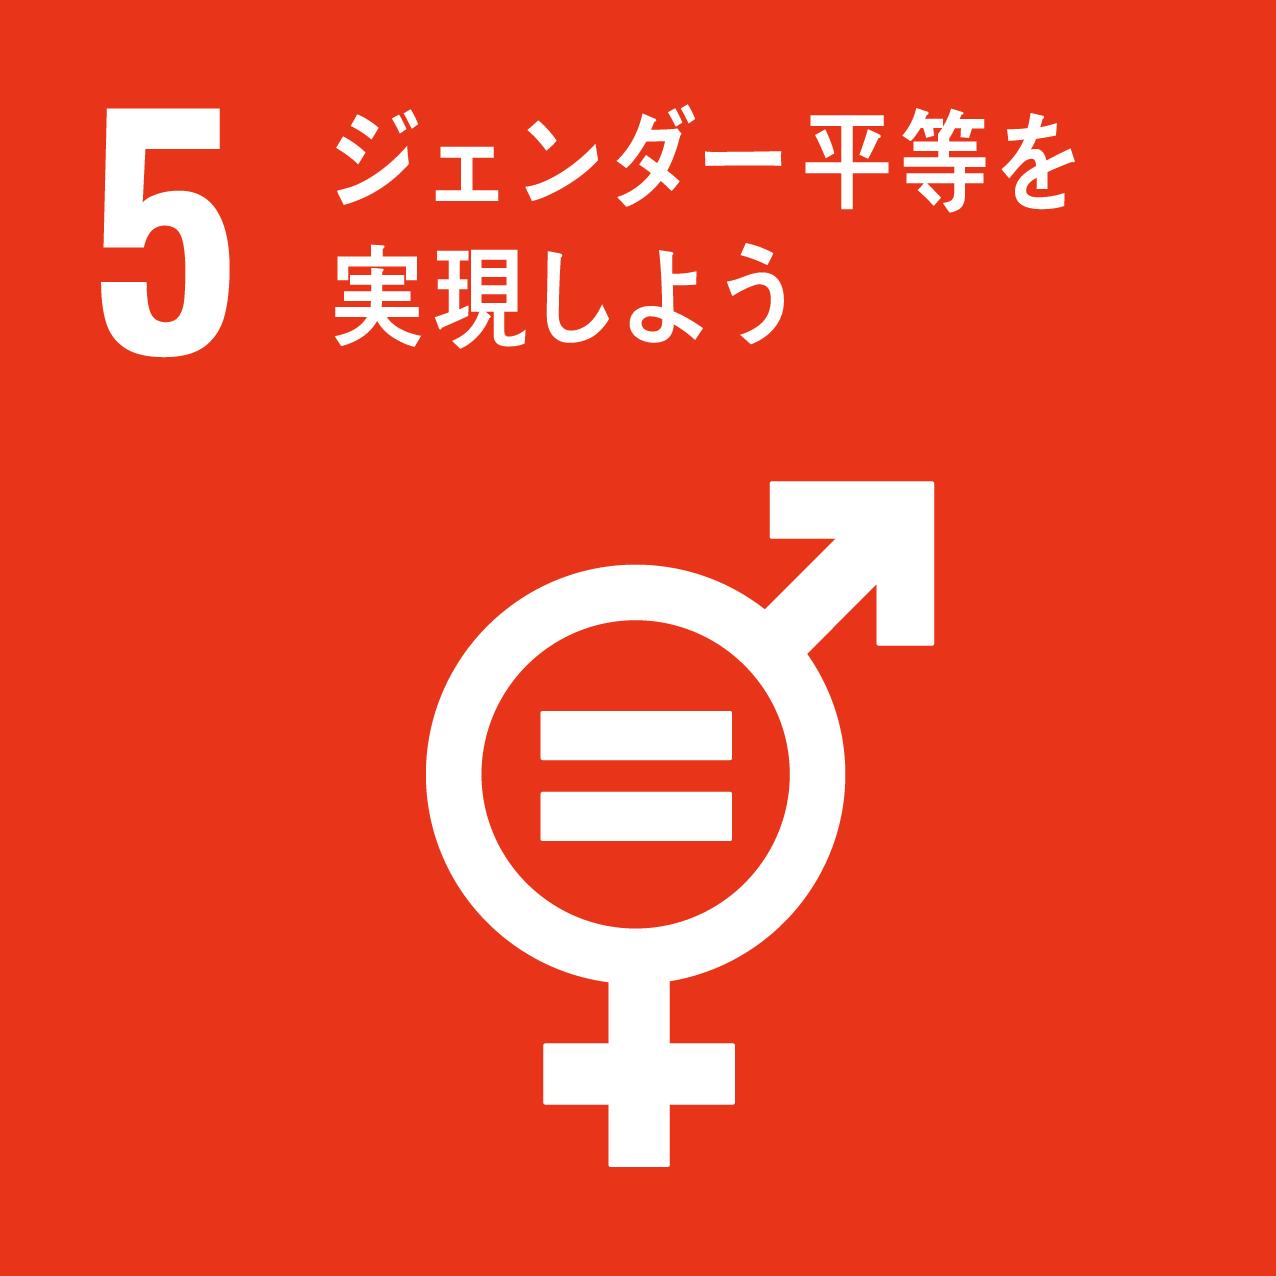 5. ジェンダー平等を実現しよう